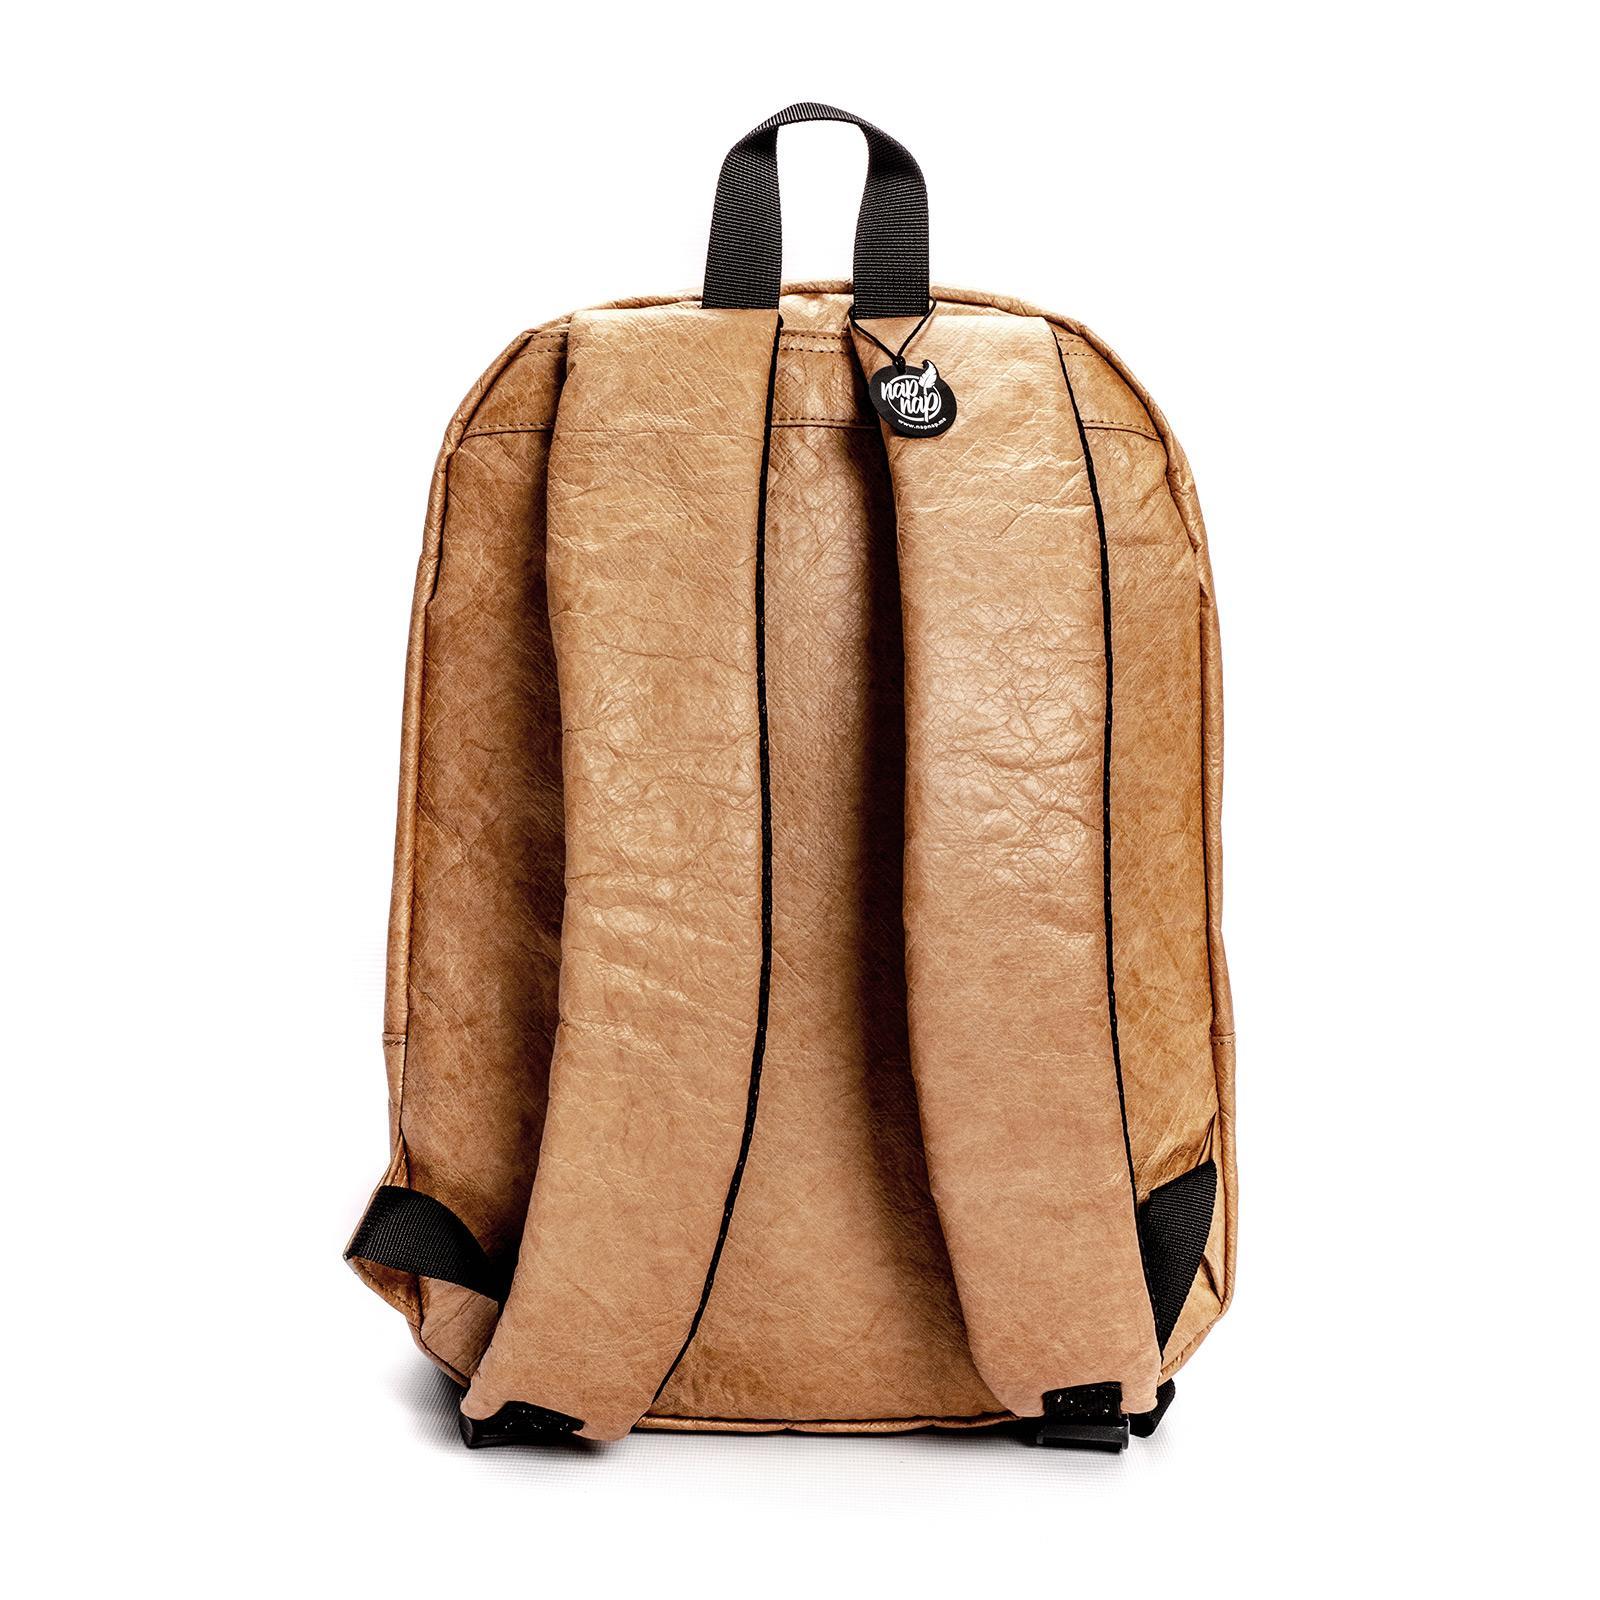 Plecak jasnobrązowy z tyveku Miejski Lans z papieru - Napnap